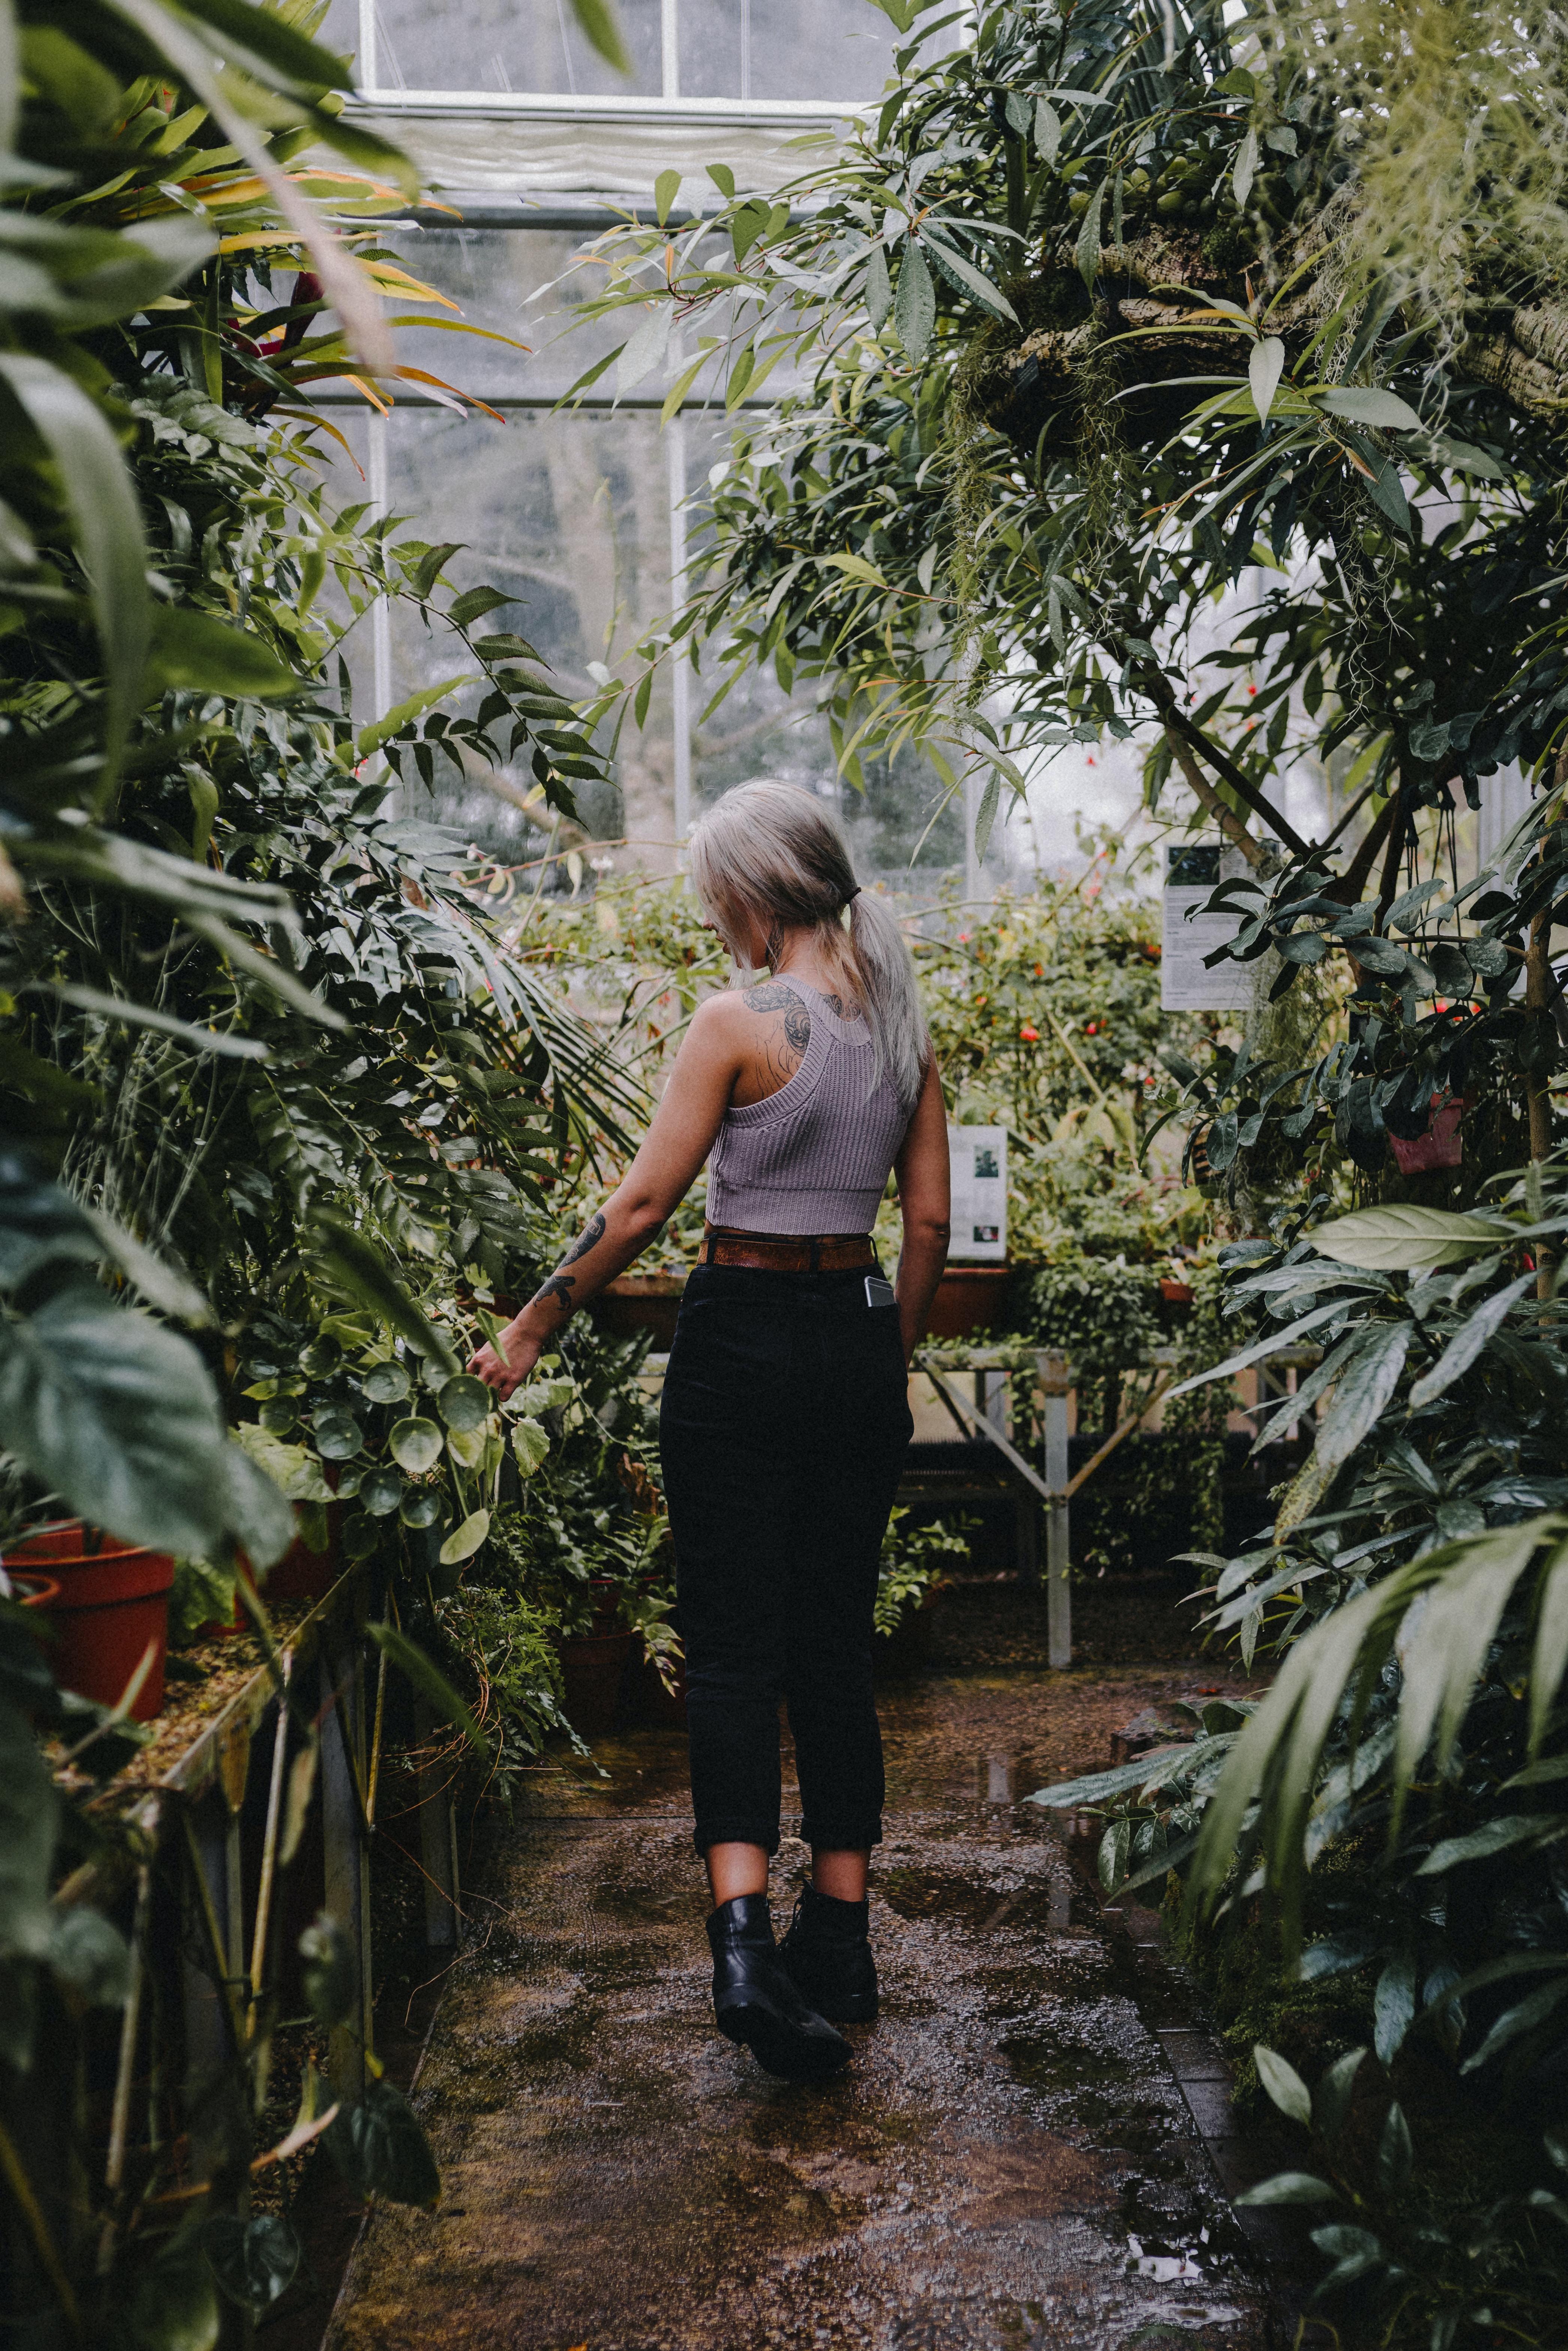 photo of man standing between plants